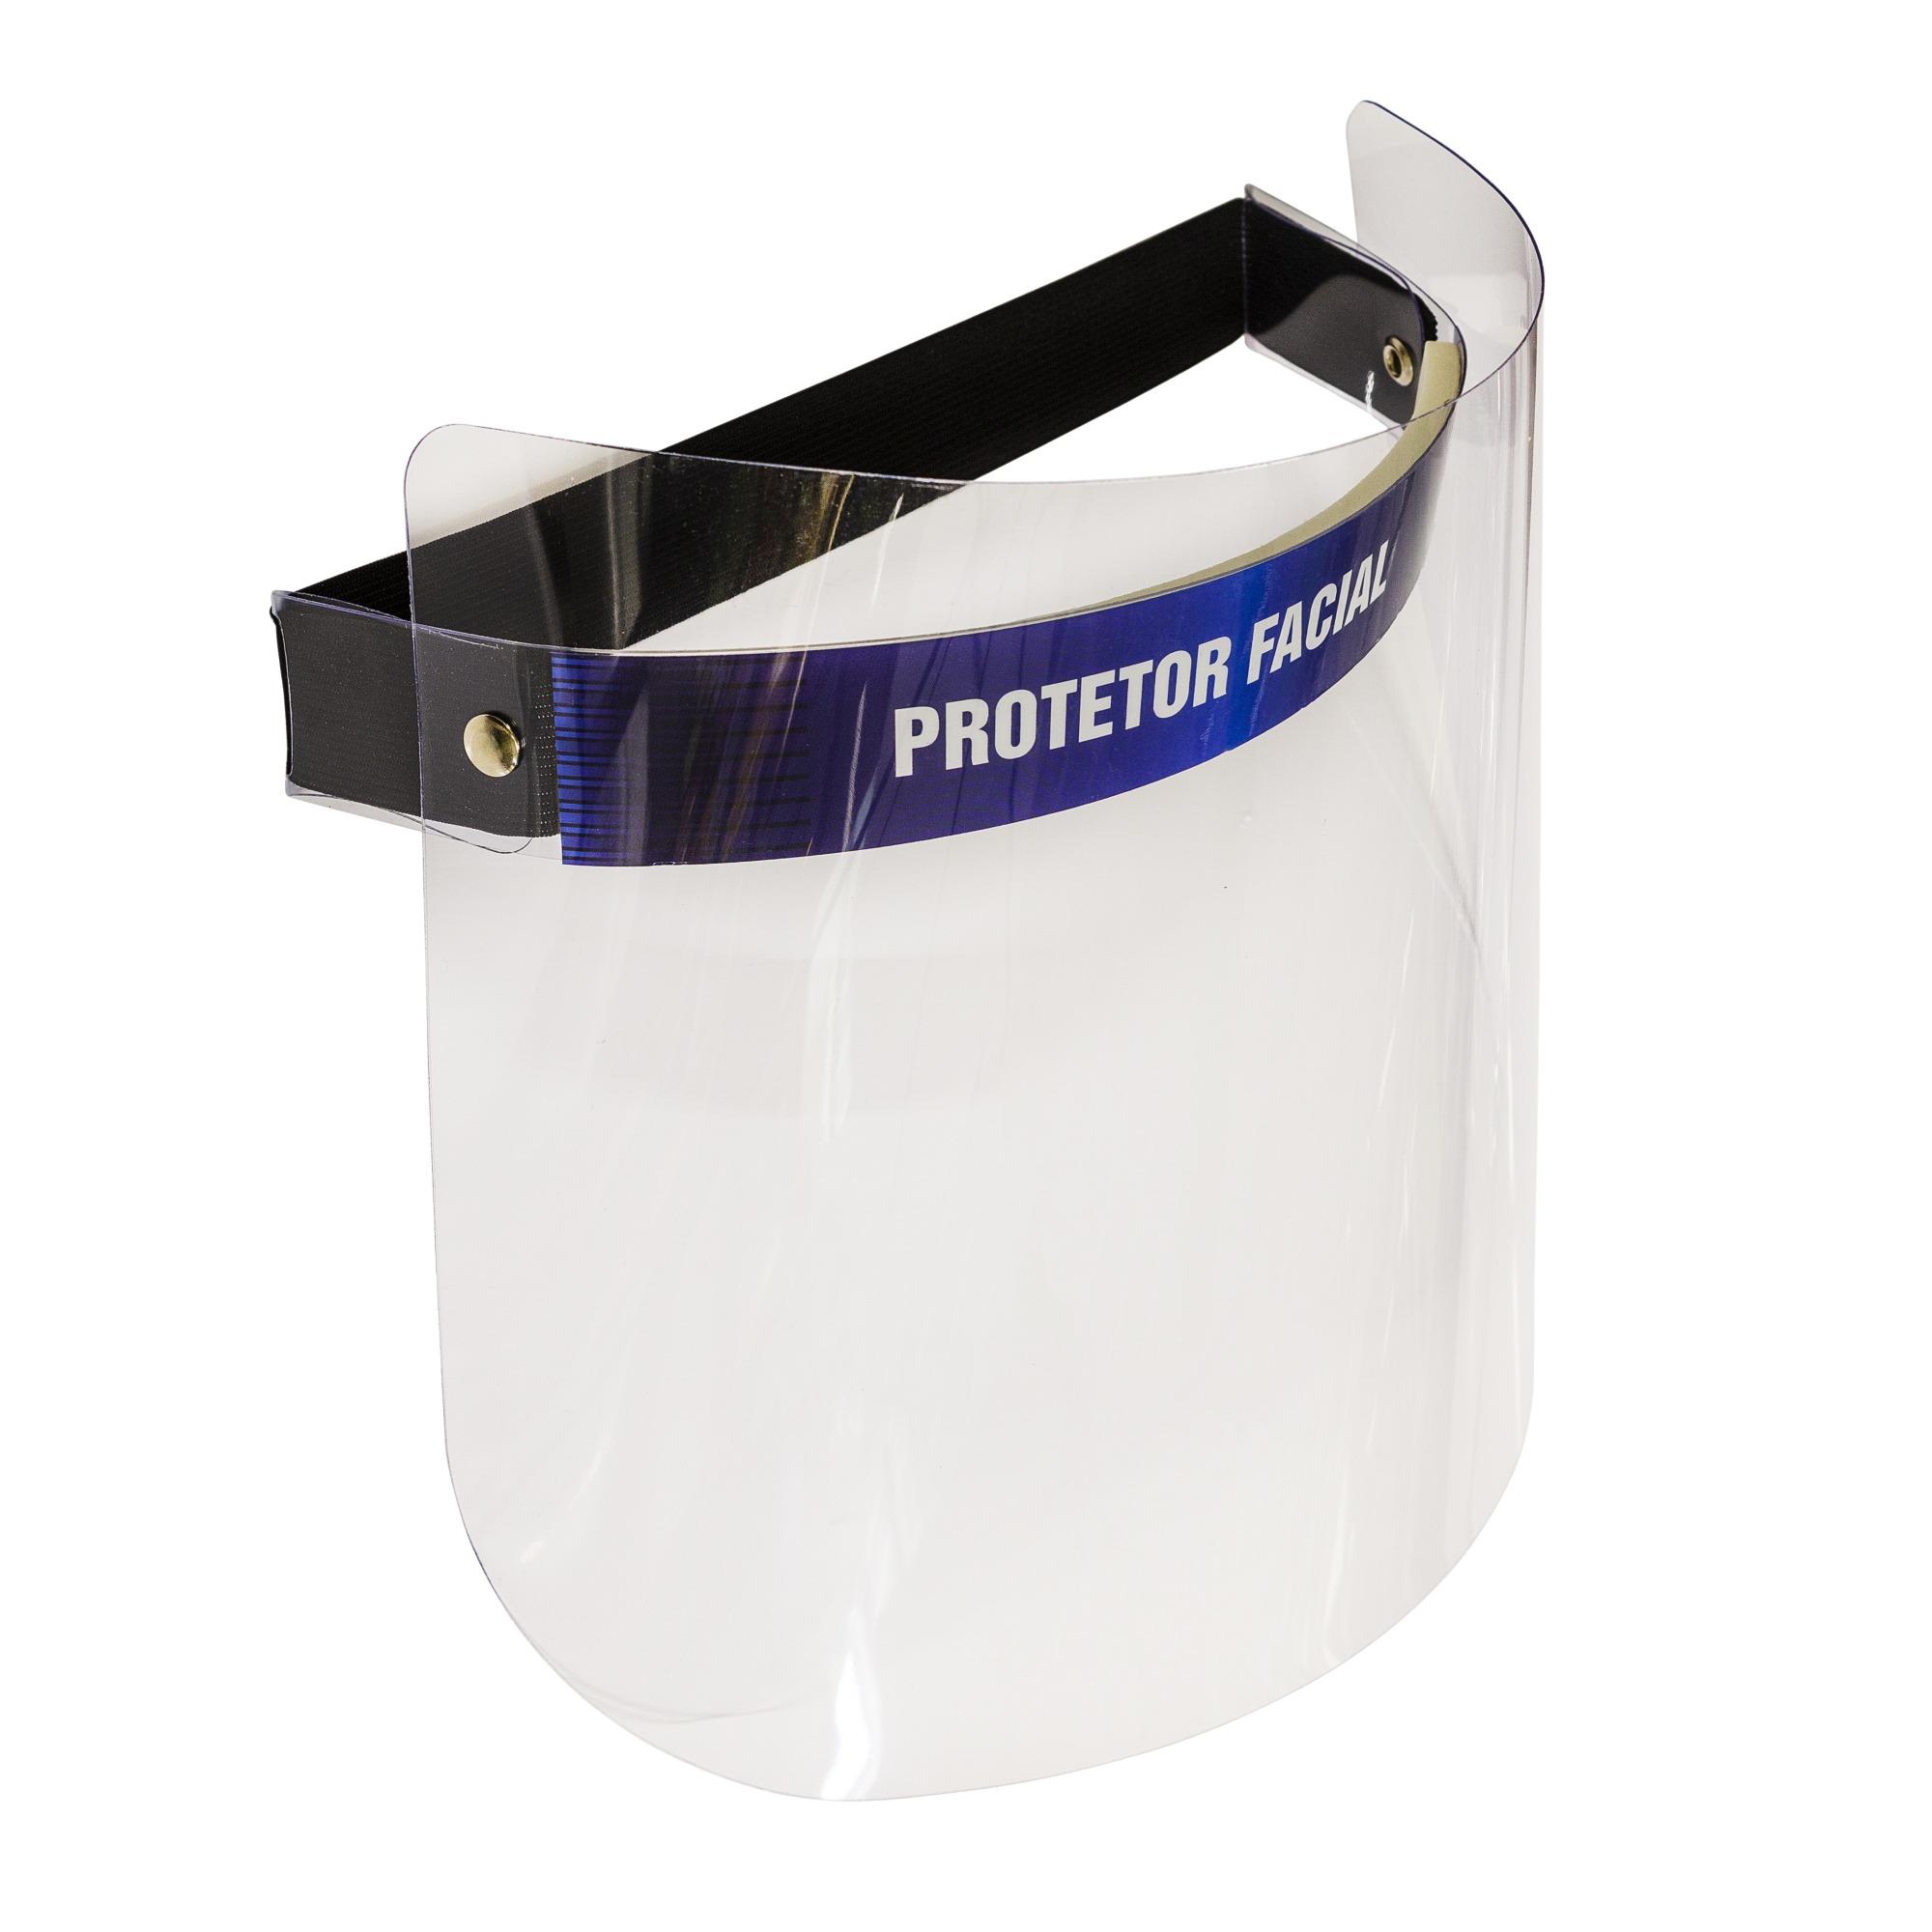 Protetor Facial Face Shield com Ajuste 25cm Transparente